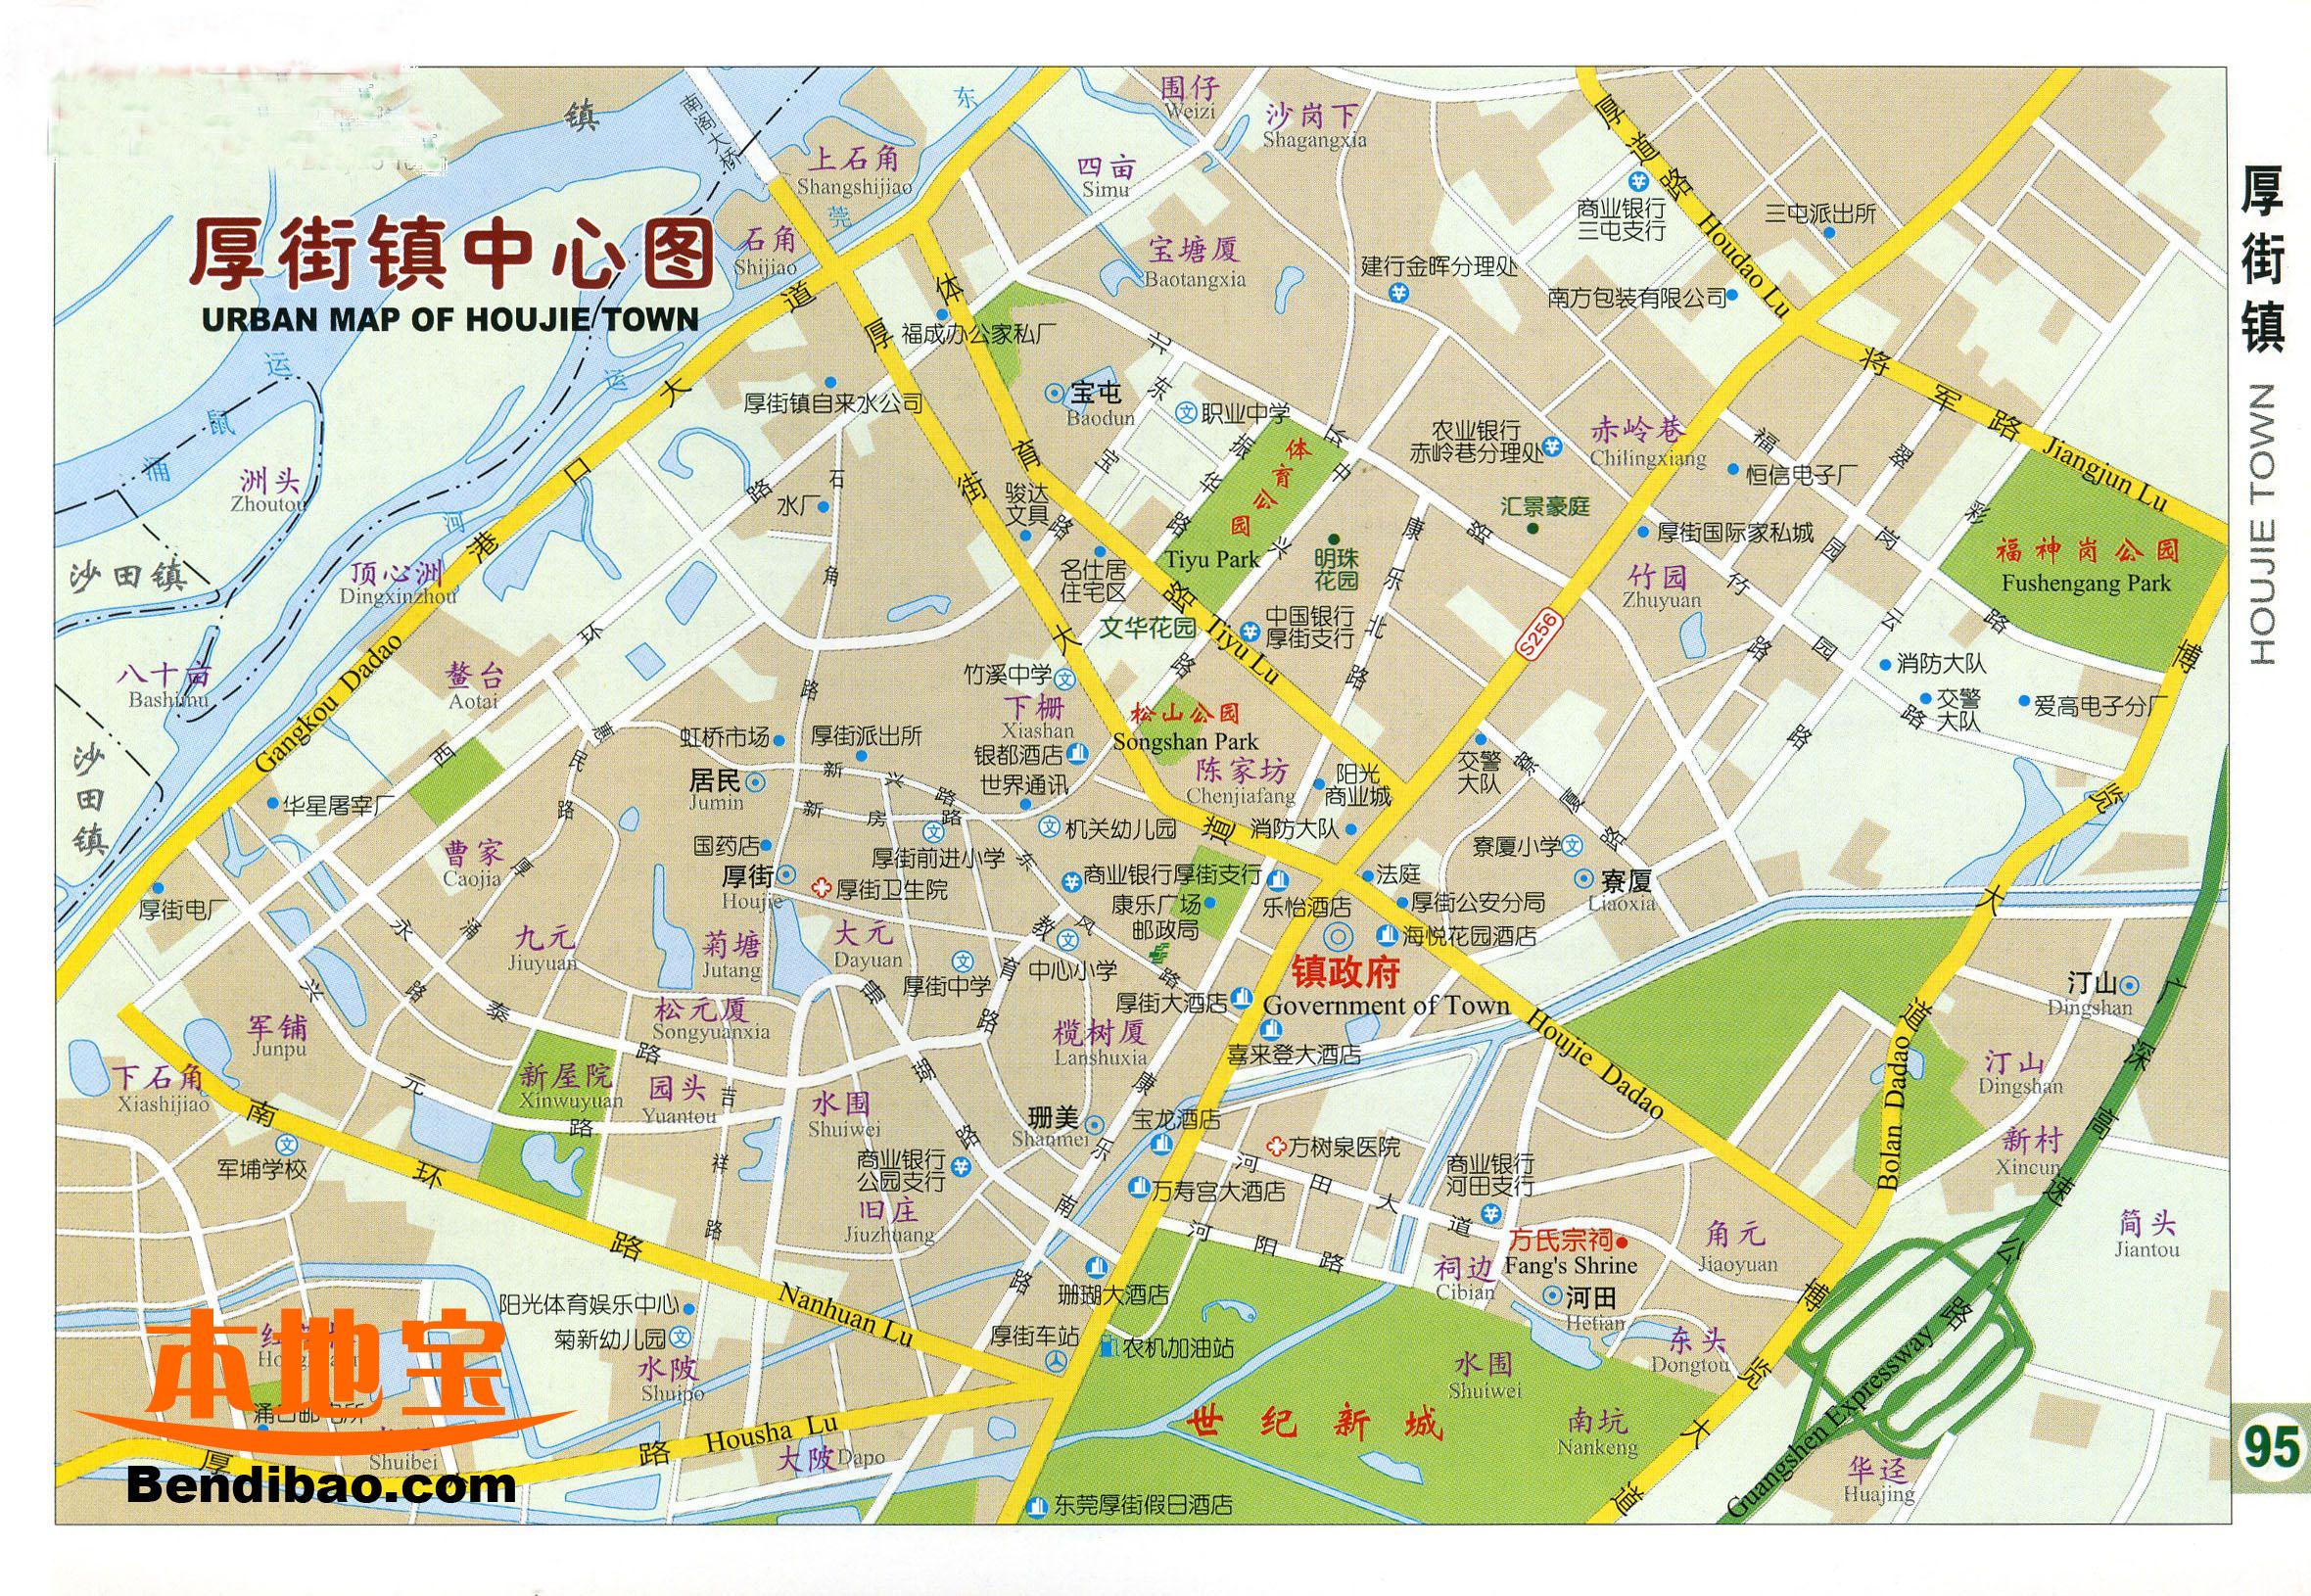 东莞 厚街 地图 广东省东莞市 厚街镇 地图 东莞